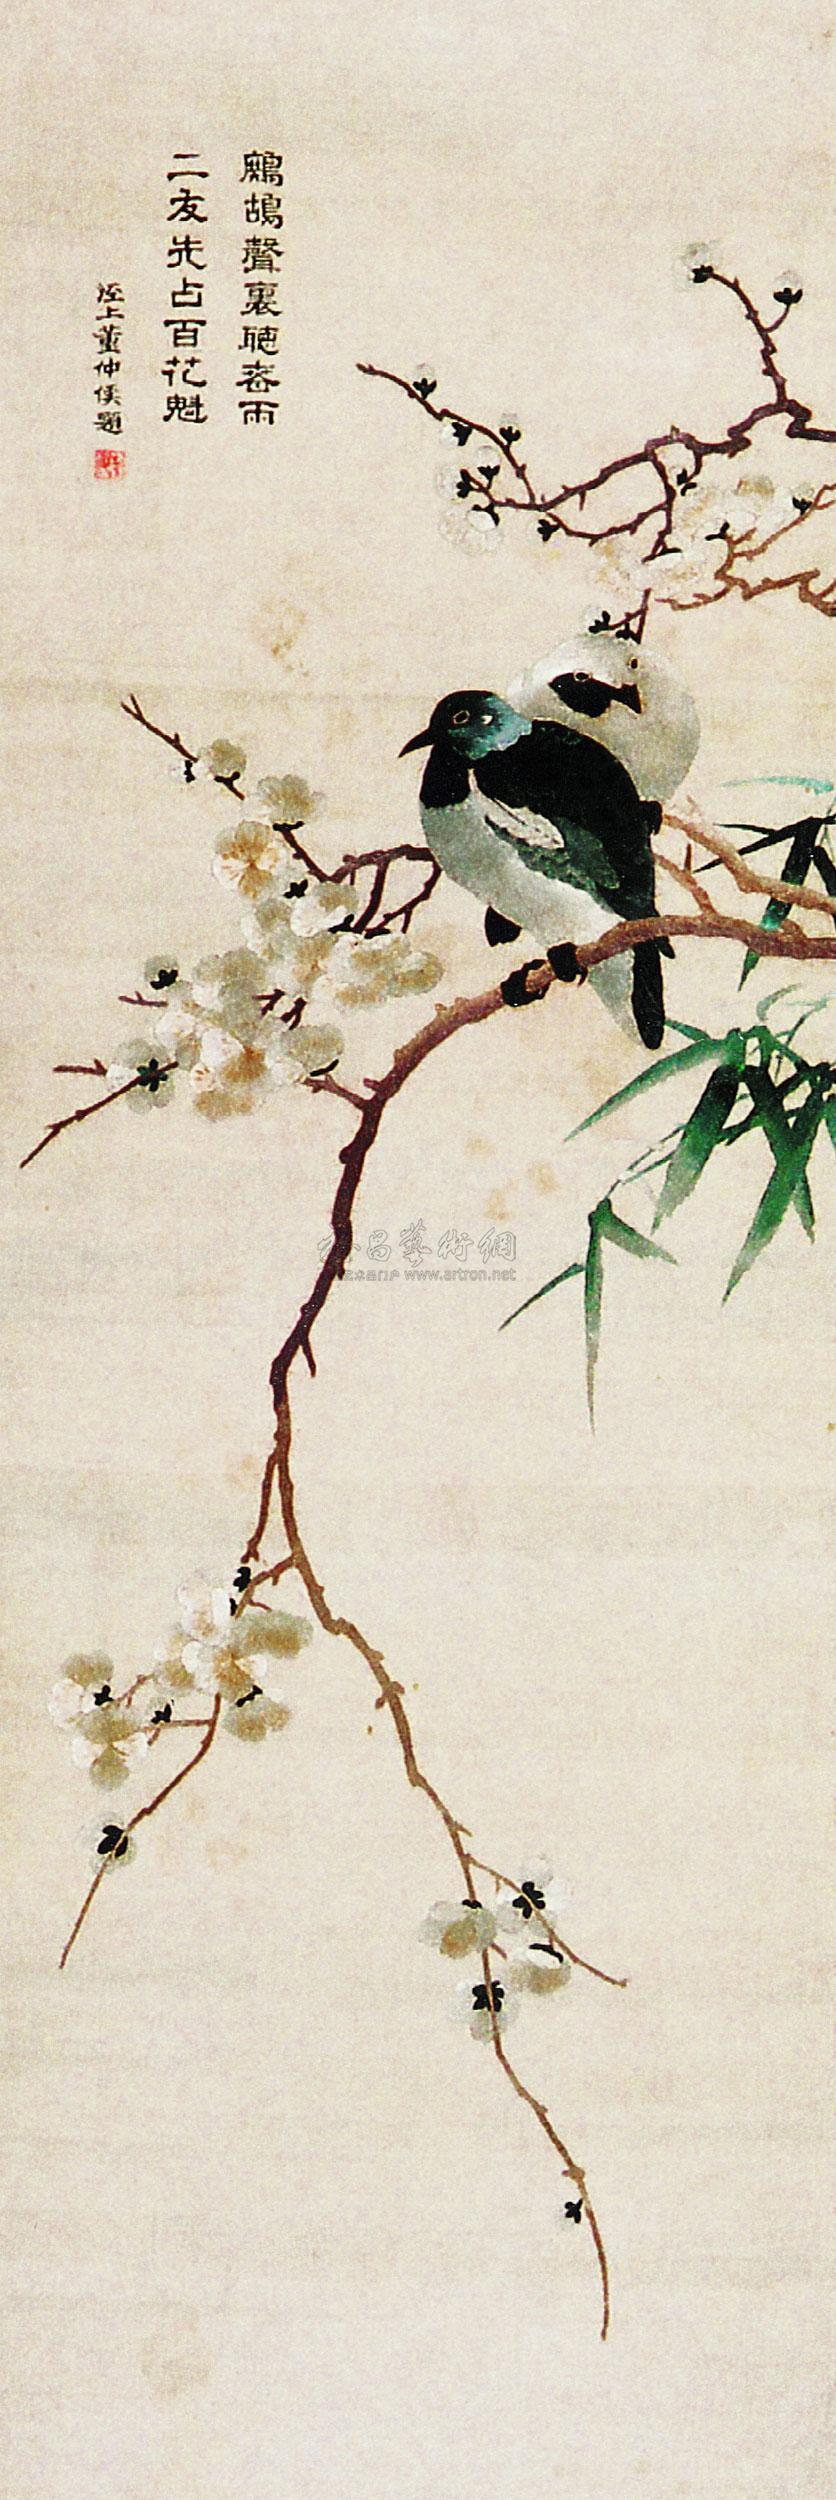 【花鸟刺绣】拍卖品_图片_价格_鉴赏_工艺品其它_雅昌